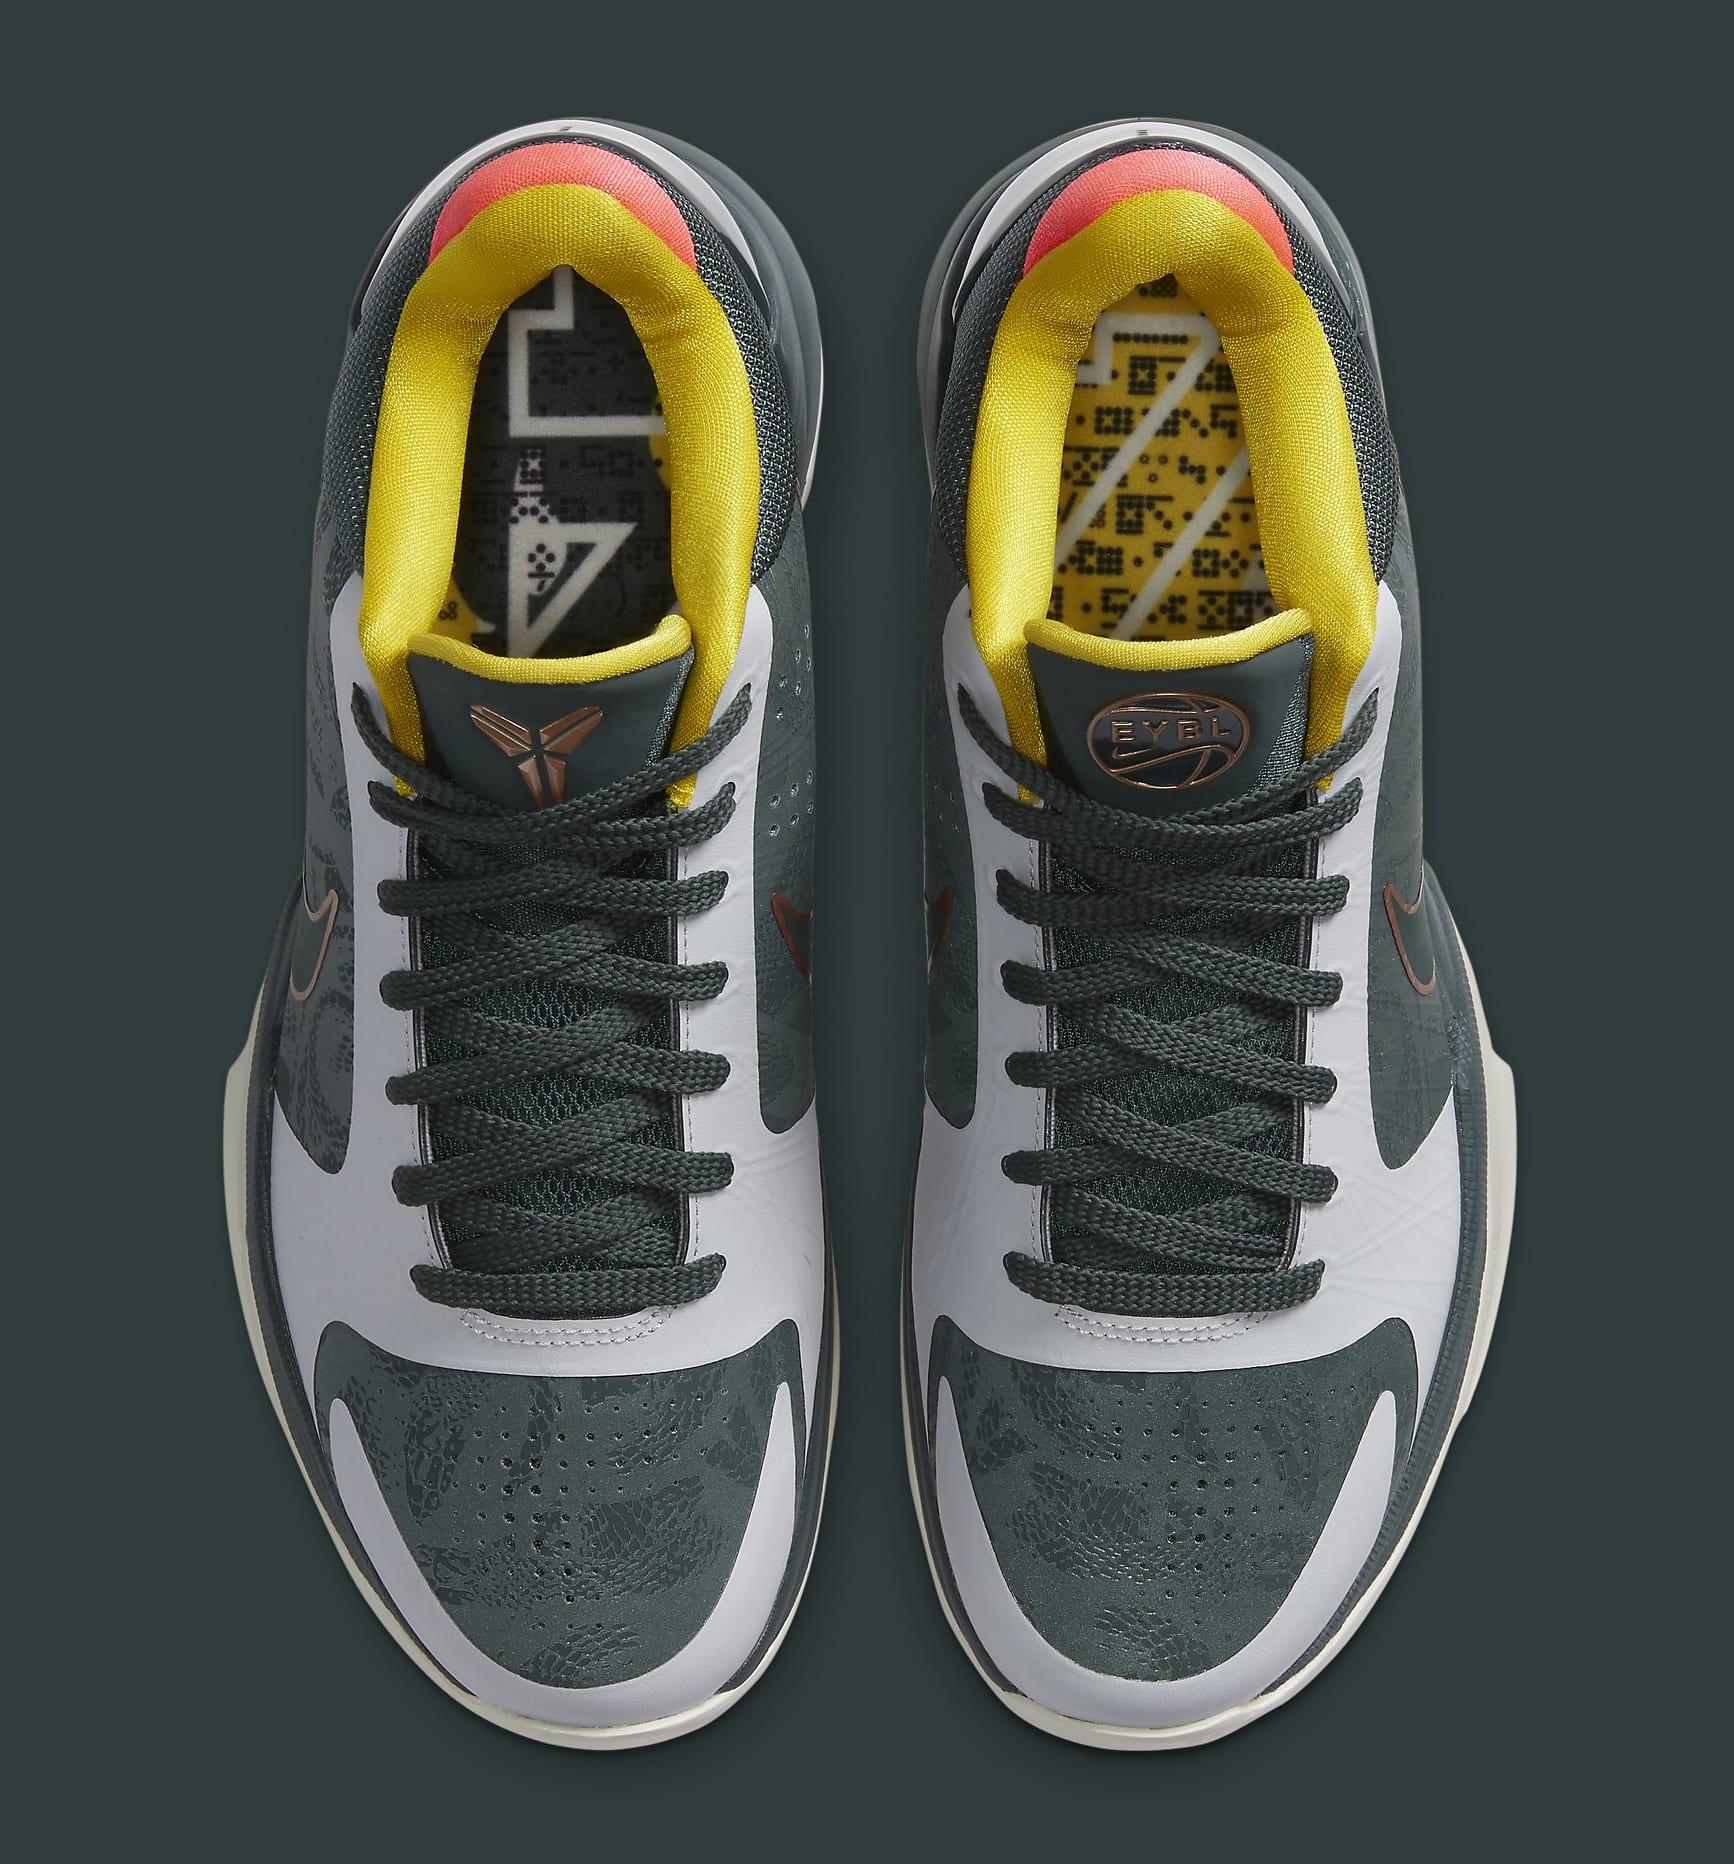 Nike Kobe 5 Protro 'EYBL' CD4991-300 Top